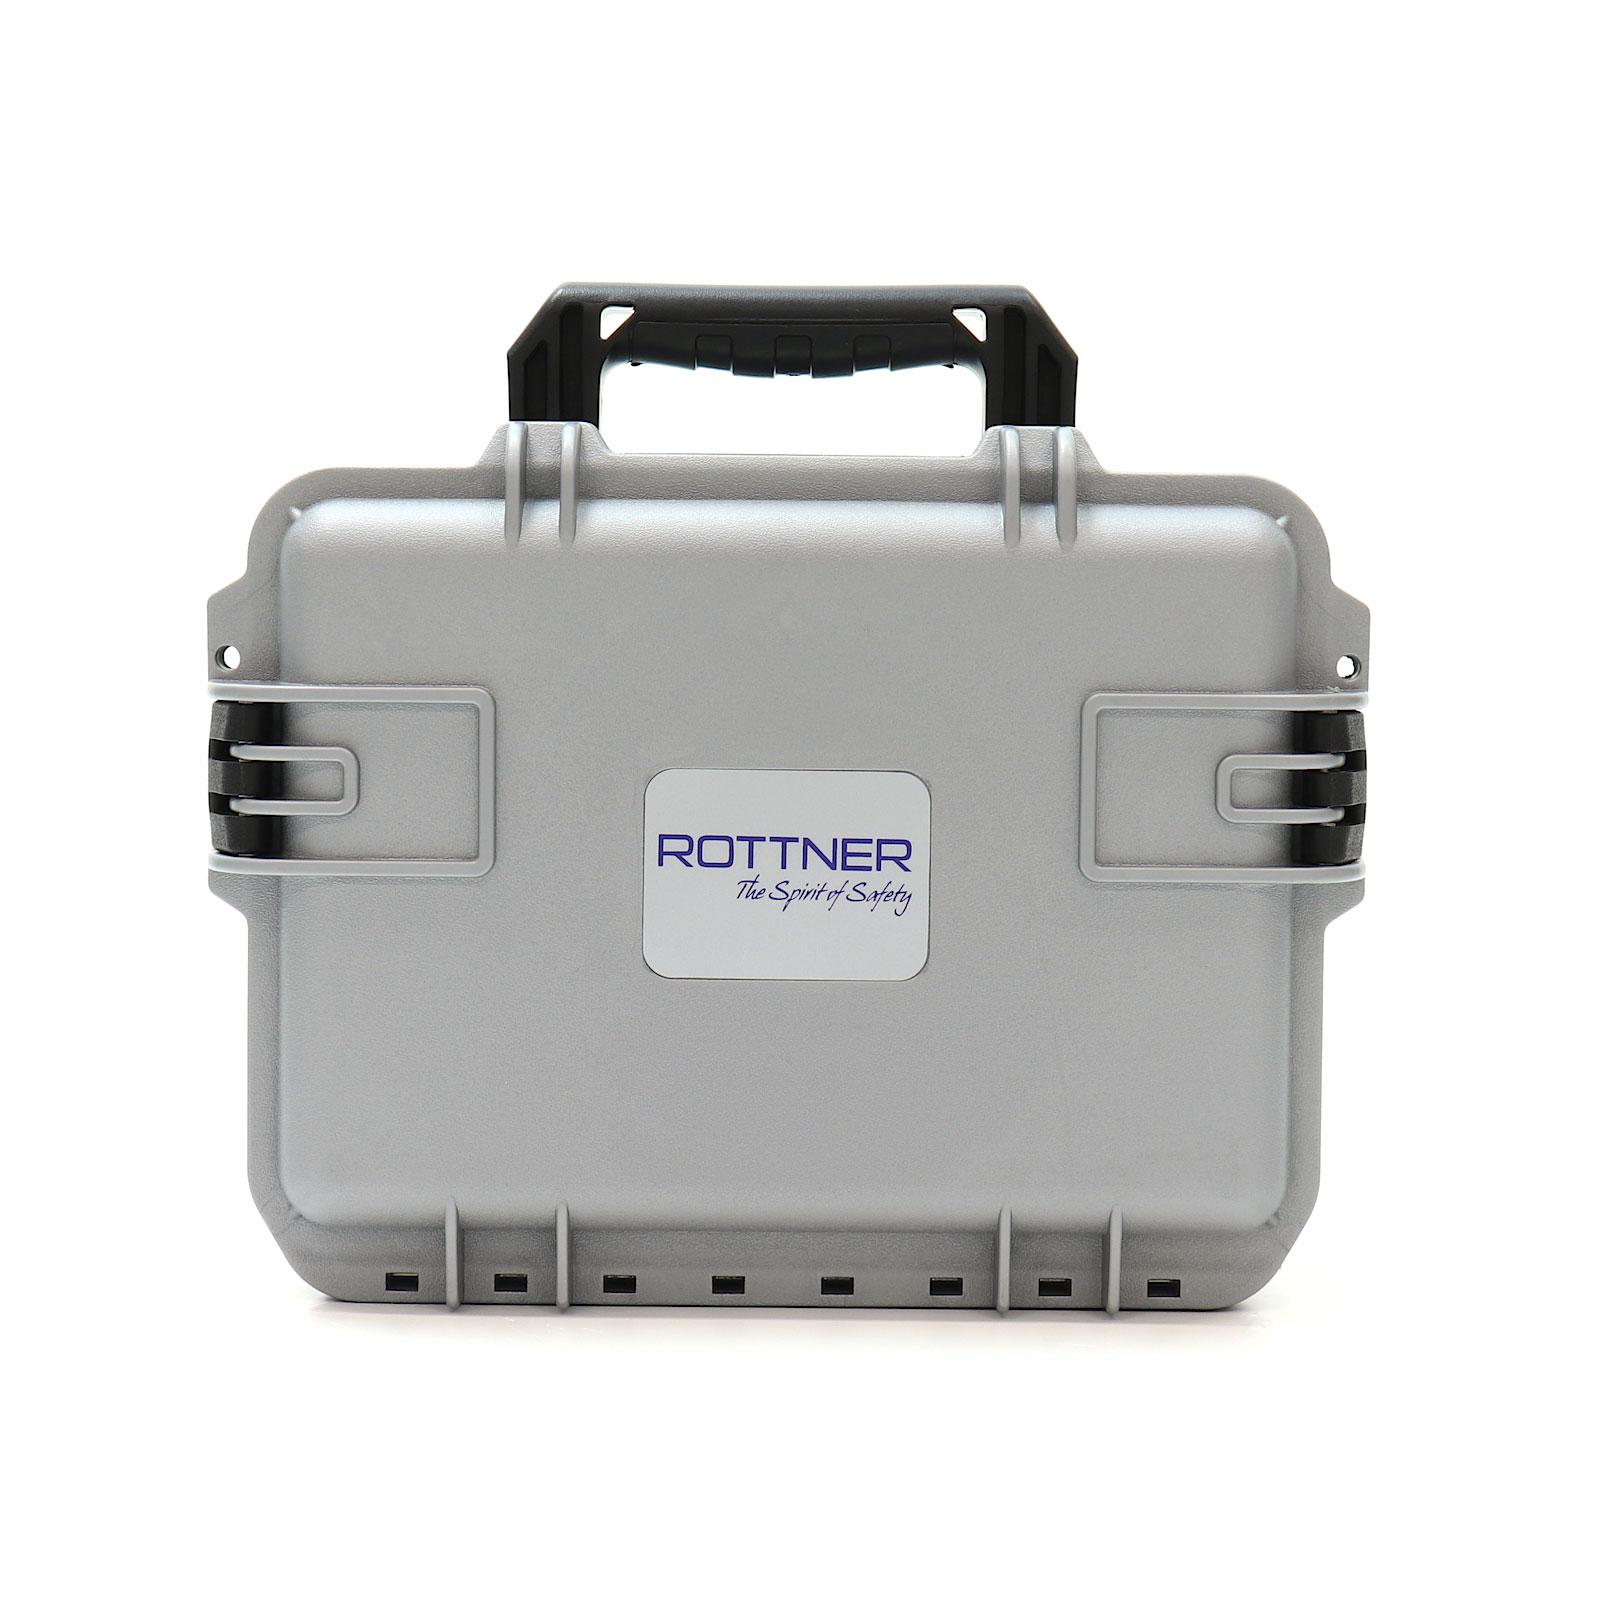 Rottner Weapon transport box Gun Case mobile